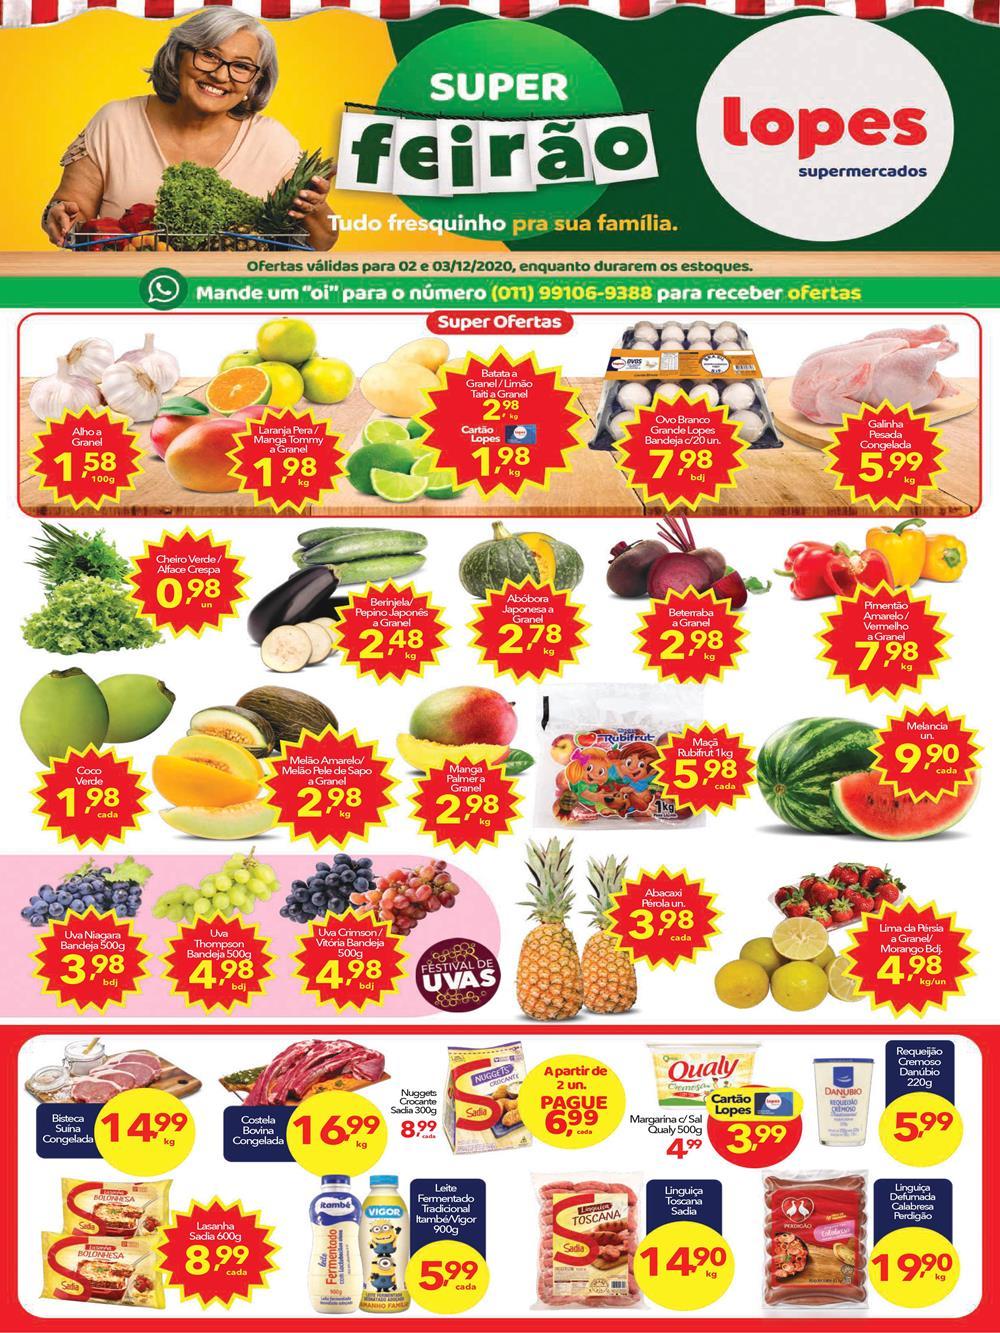 lopes-ofertas-descontos-hoje1-13 Black Friday Ofertas de supermercados